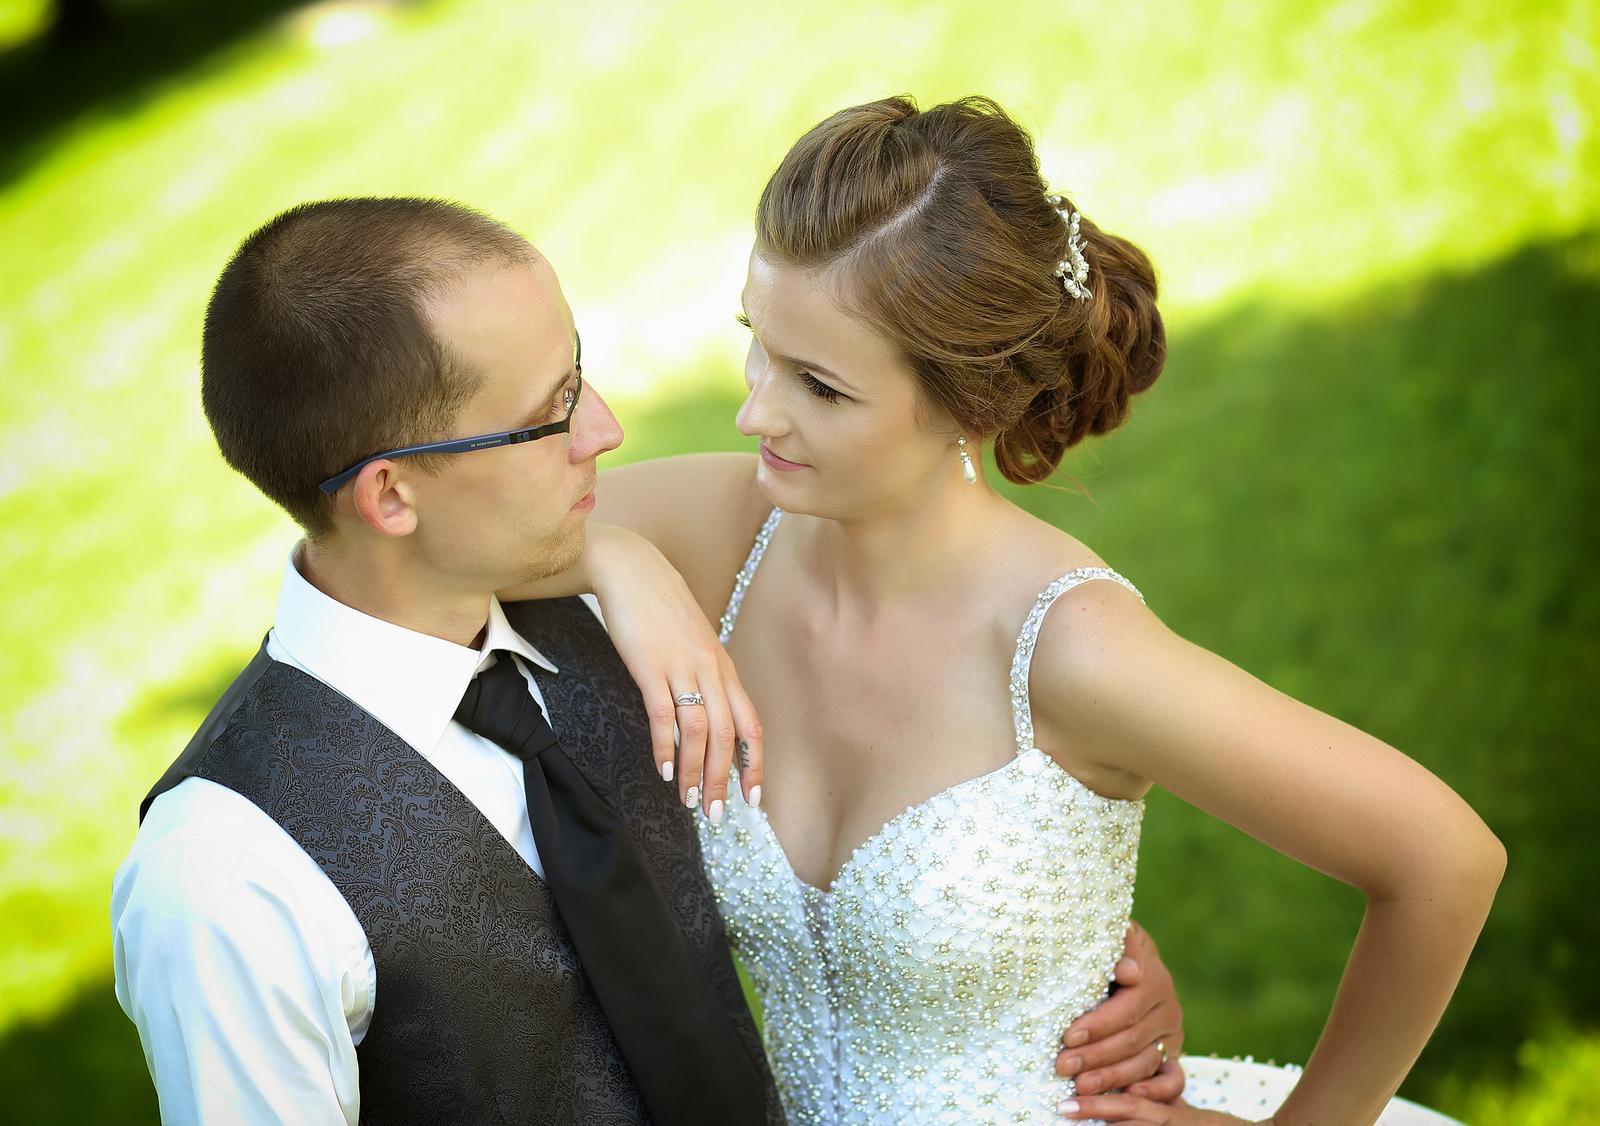 Pred svadbou som hľadal... - Obrázek č. 4